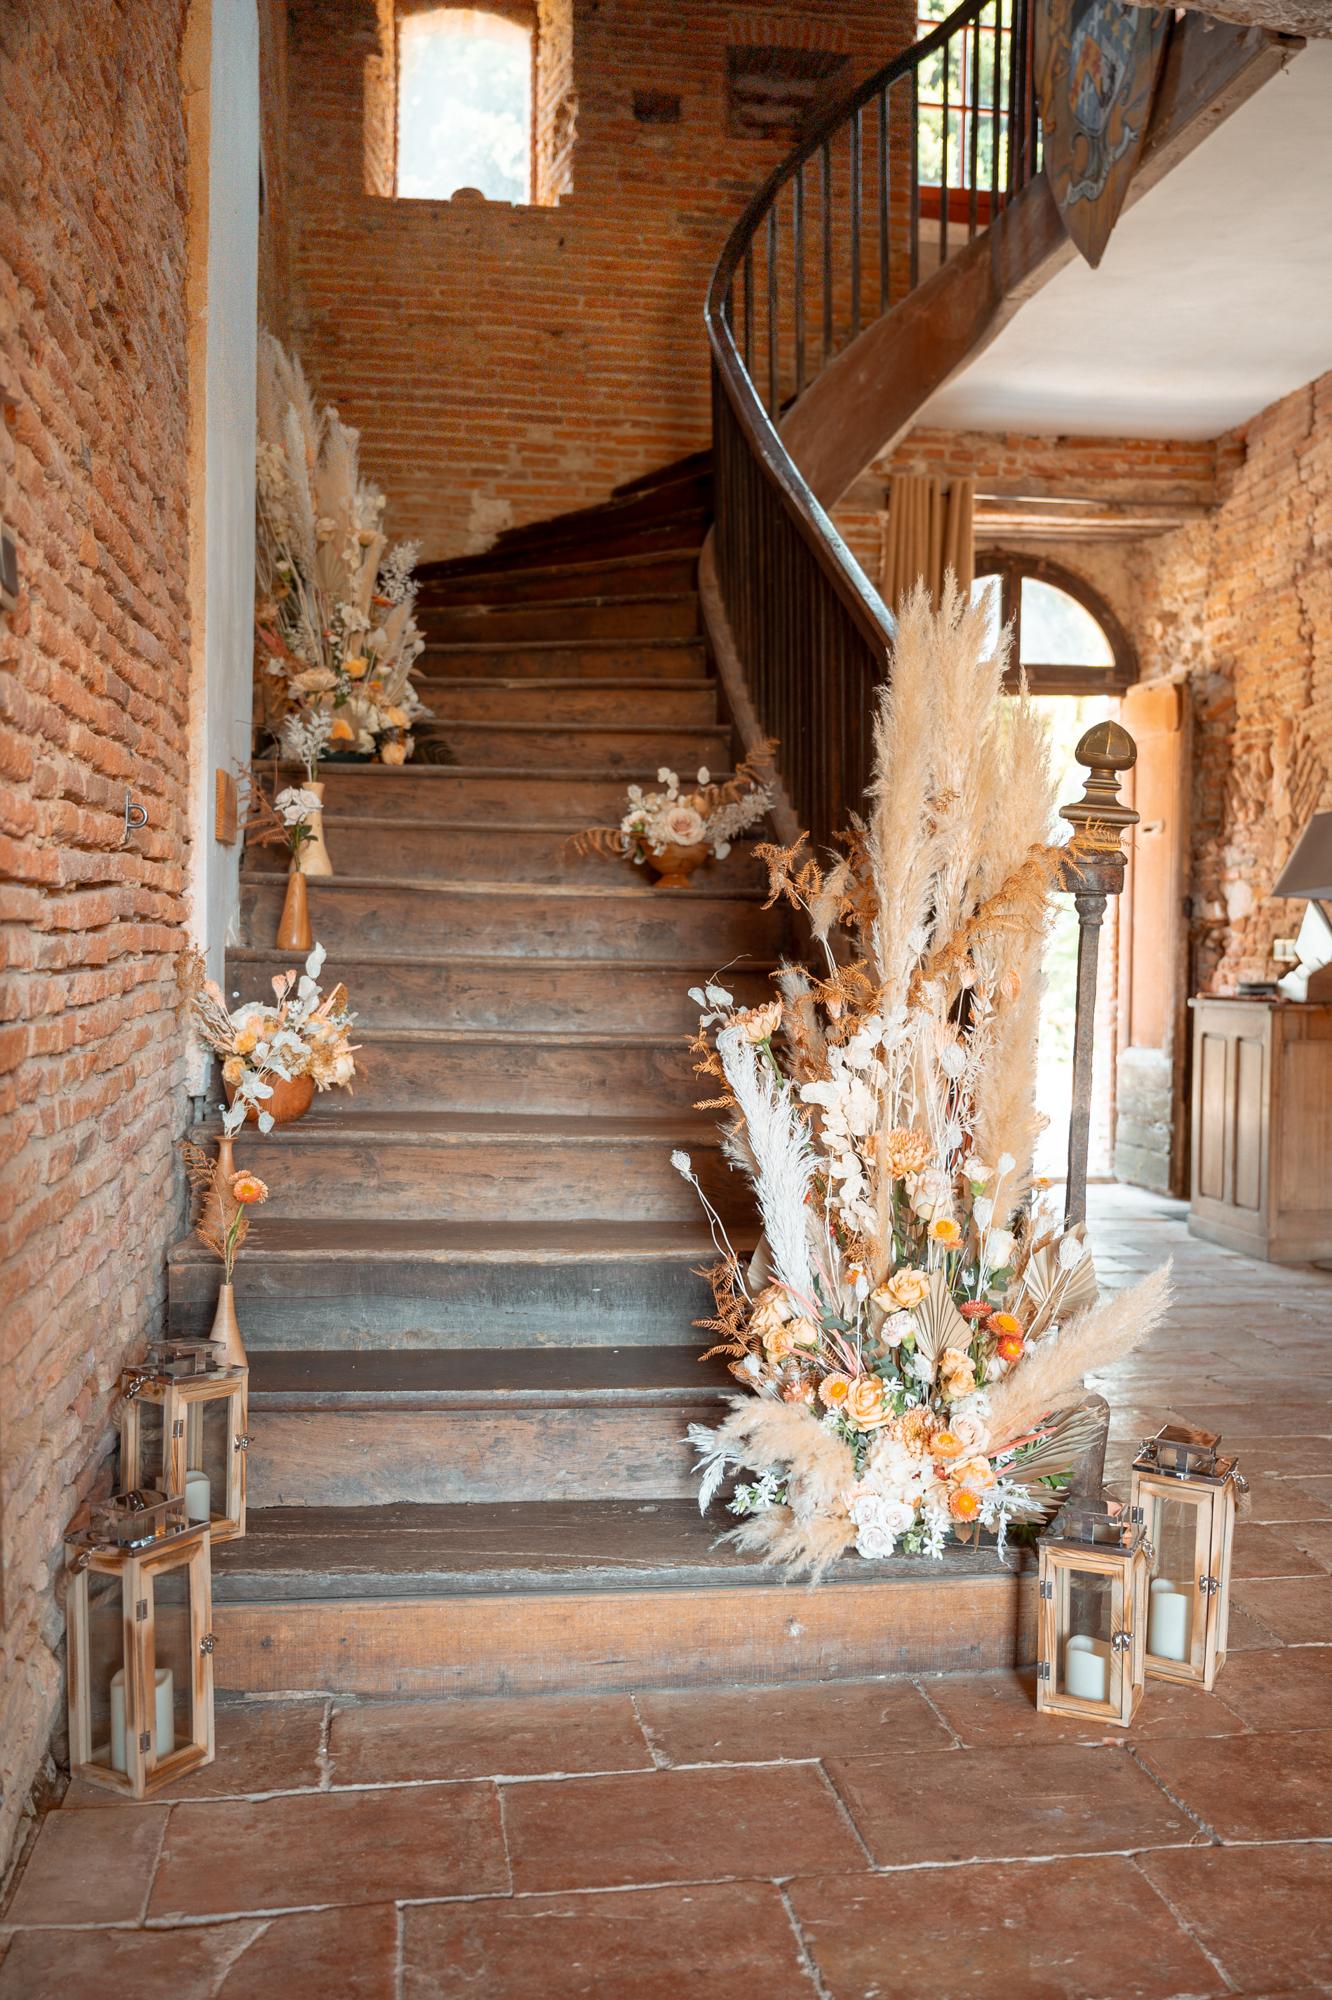 Destination wedding in French rustic chateau